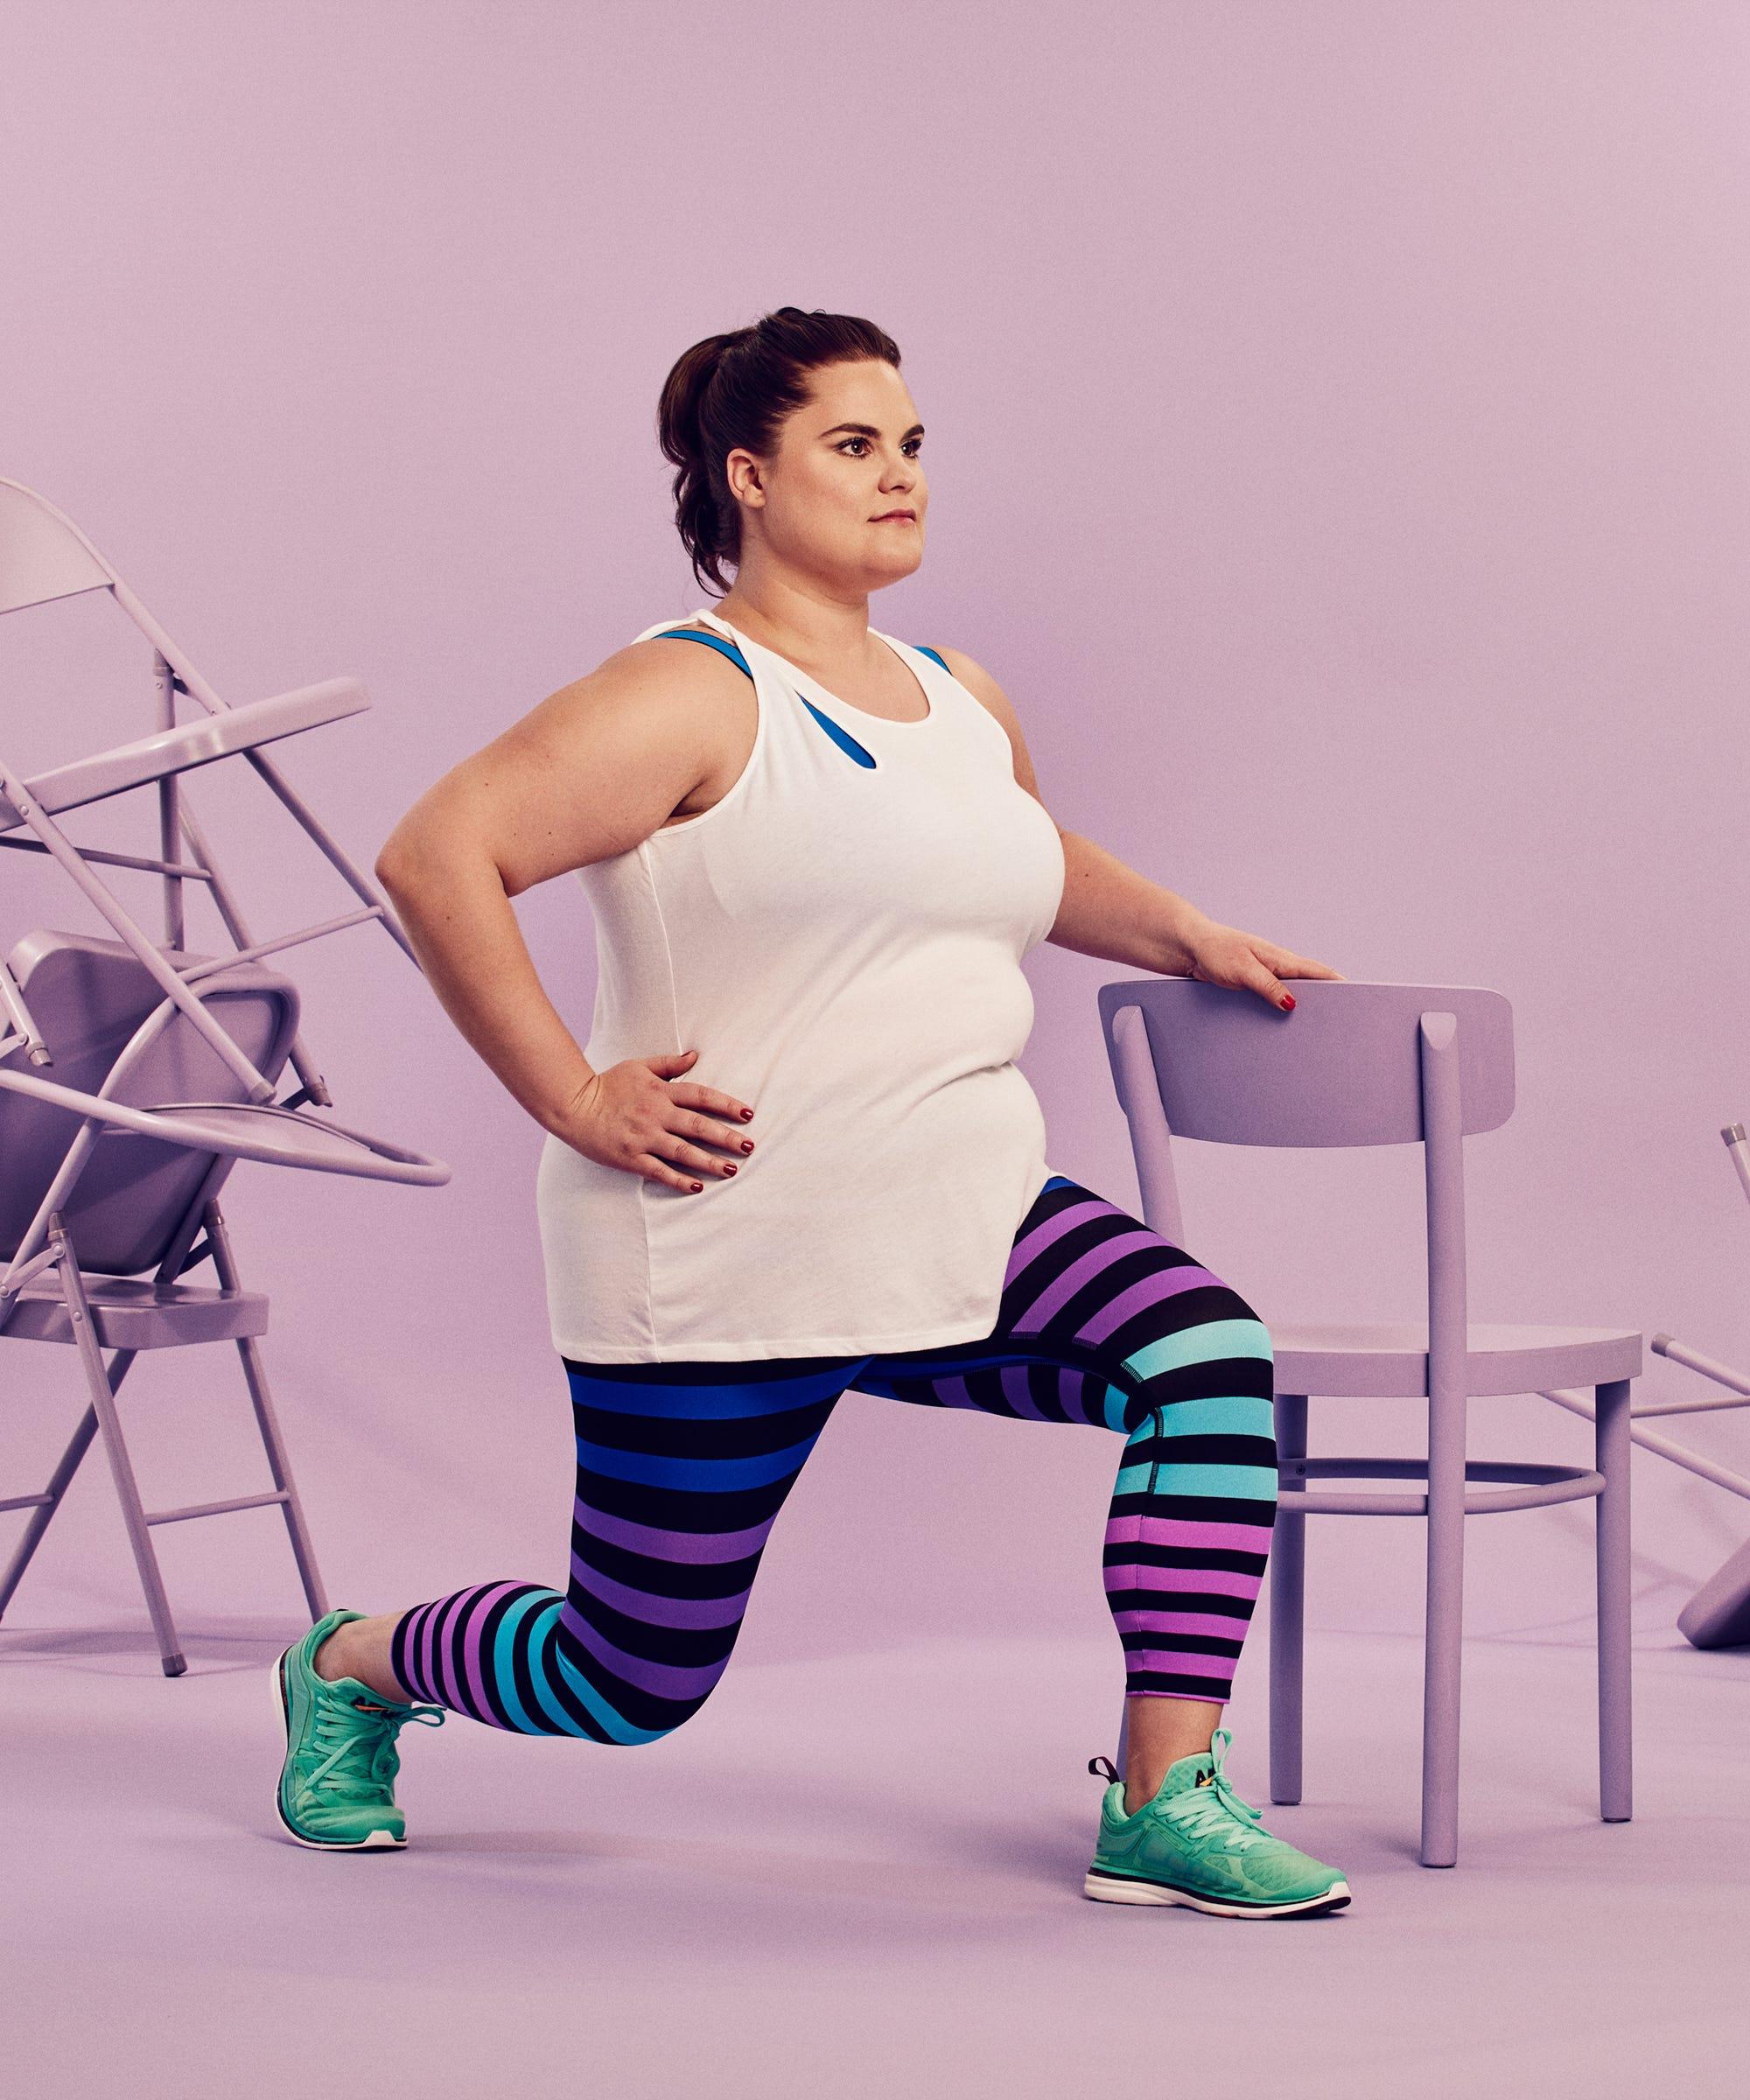 30 Tage, 4 Übungen, 1 Stuhl: Fitness-Challenge für den ganzen Körper